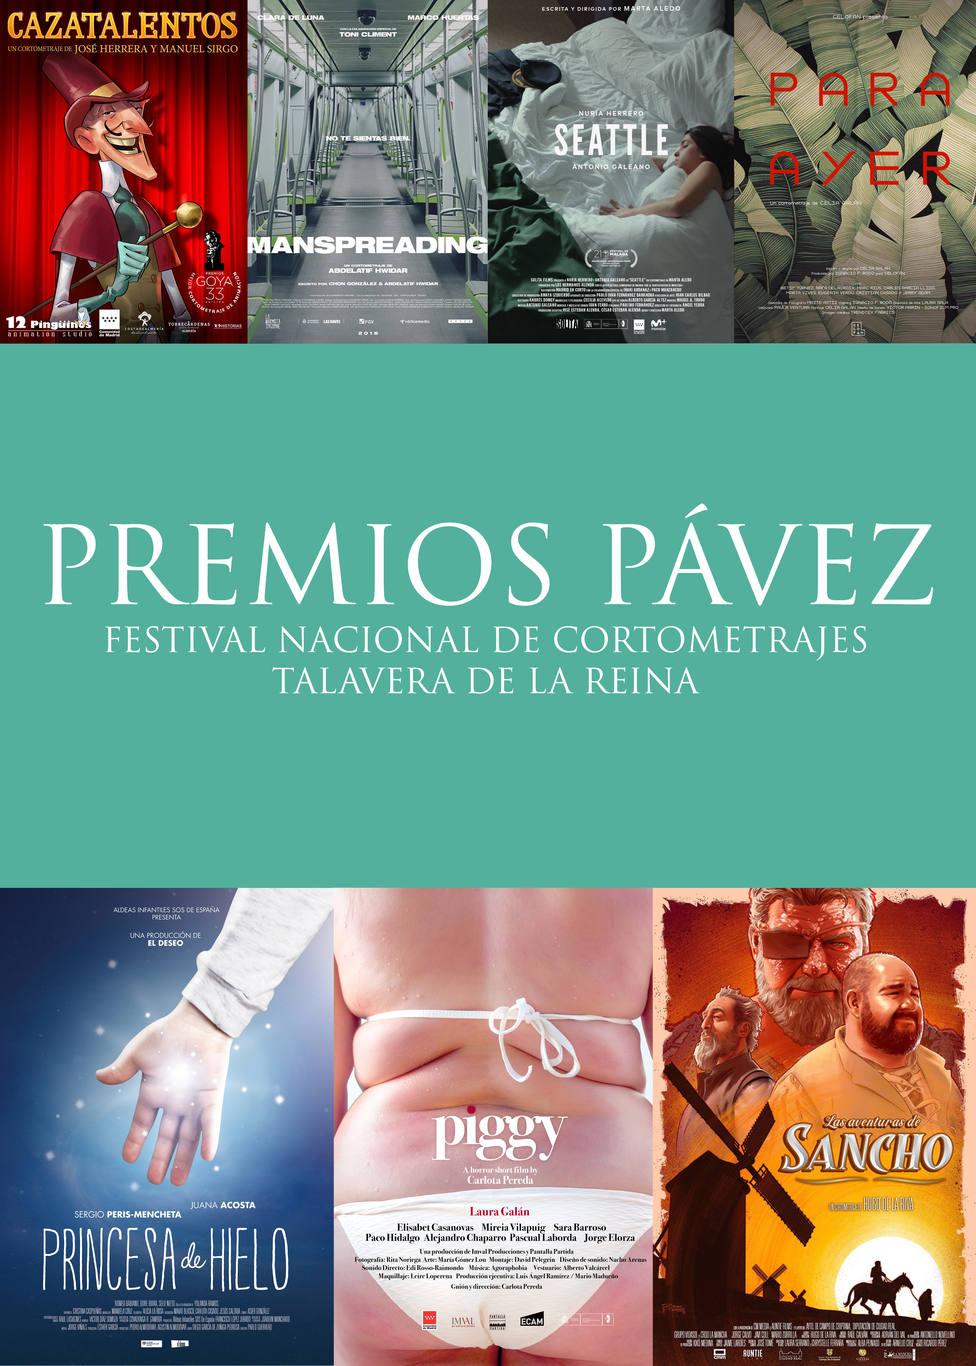 ctv-wrn-premios-pavez---tarde-en-corto